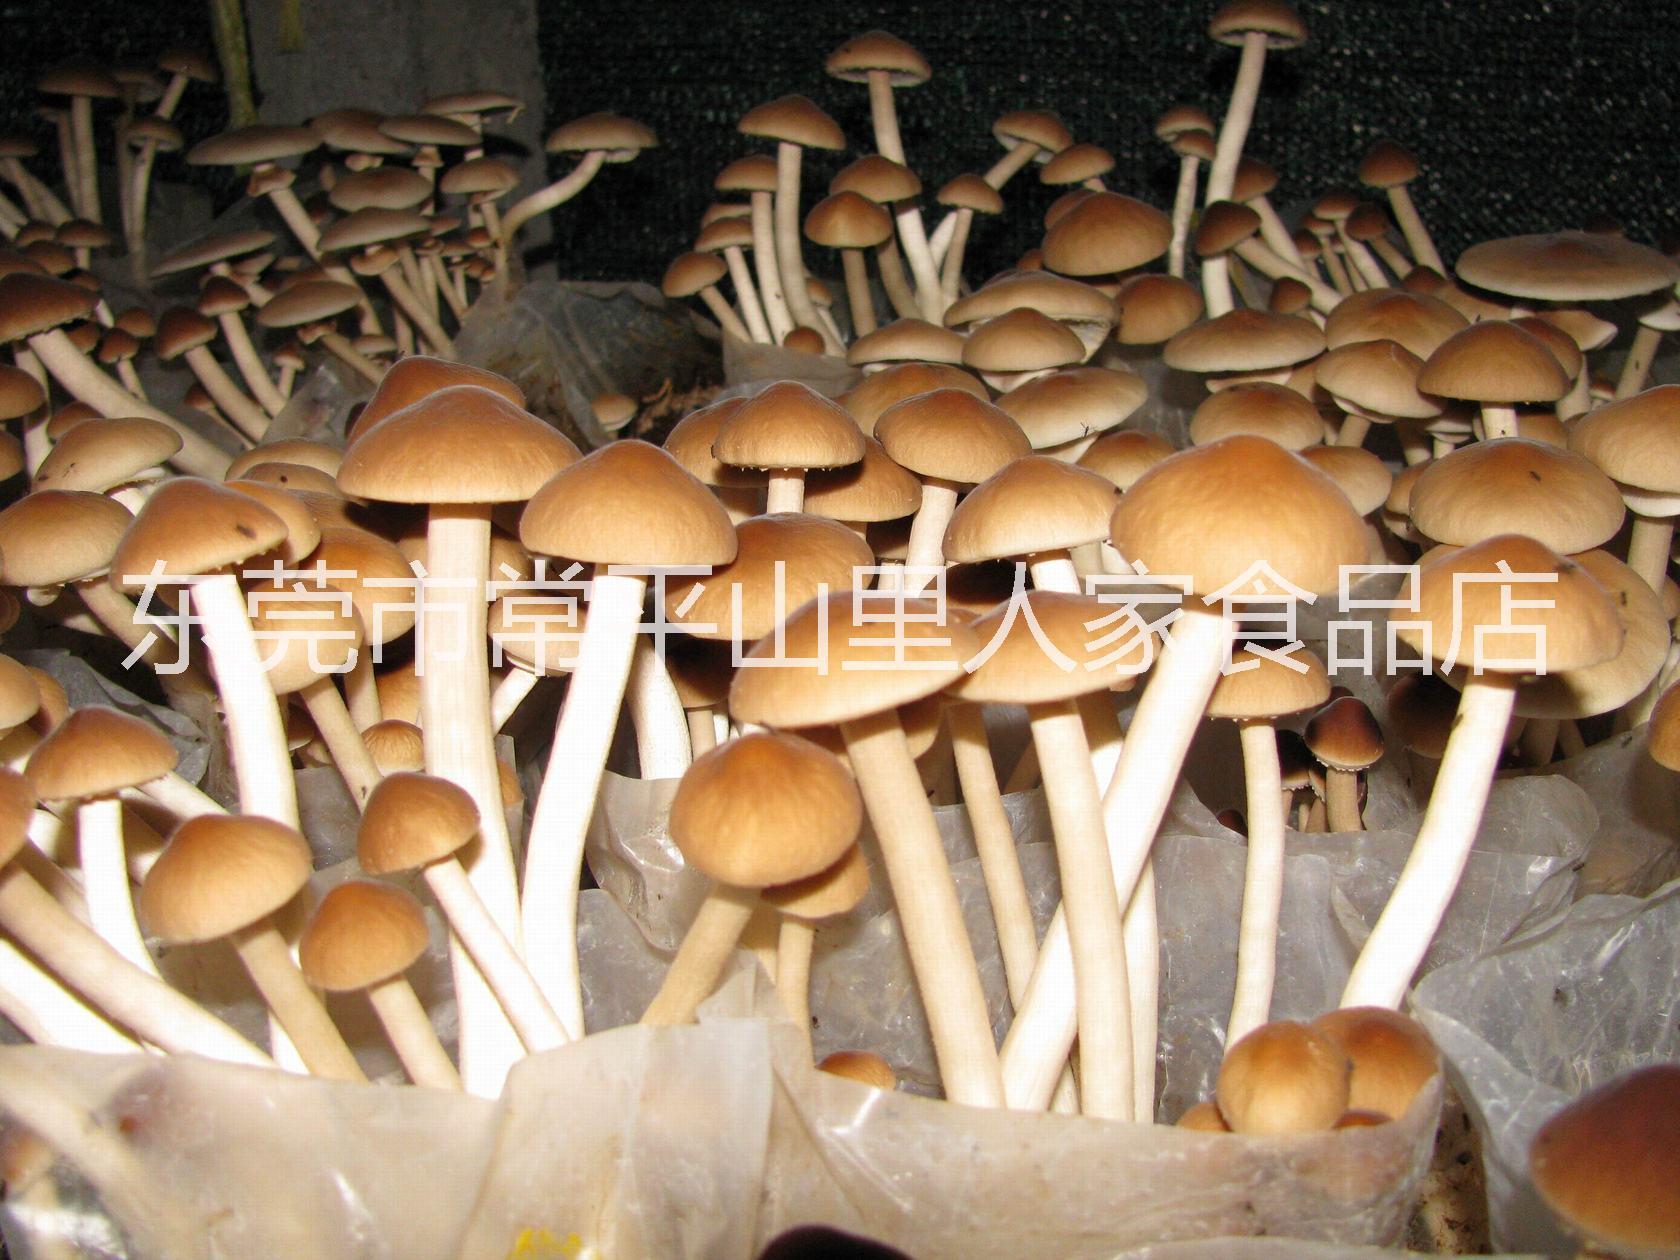 茶树菇韶关茶树菇产地直销山里人家食品